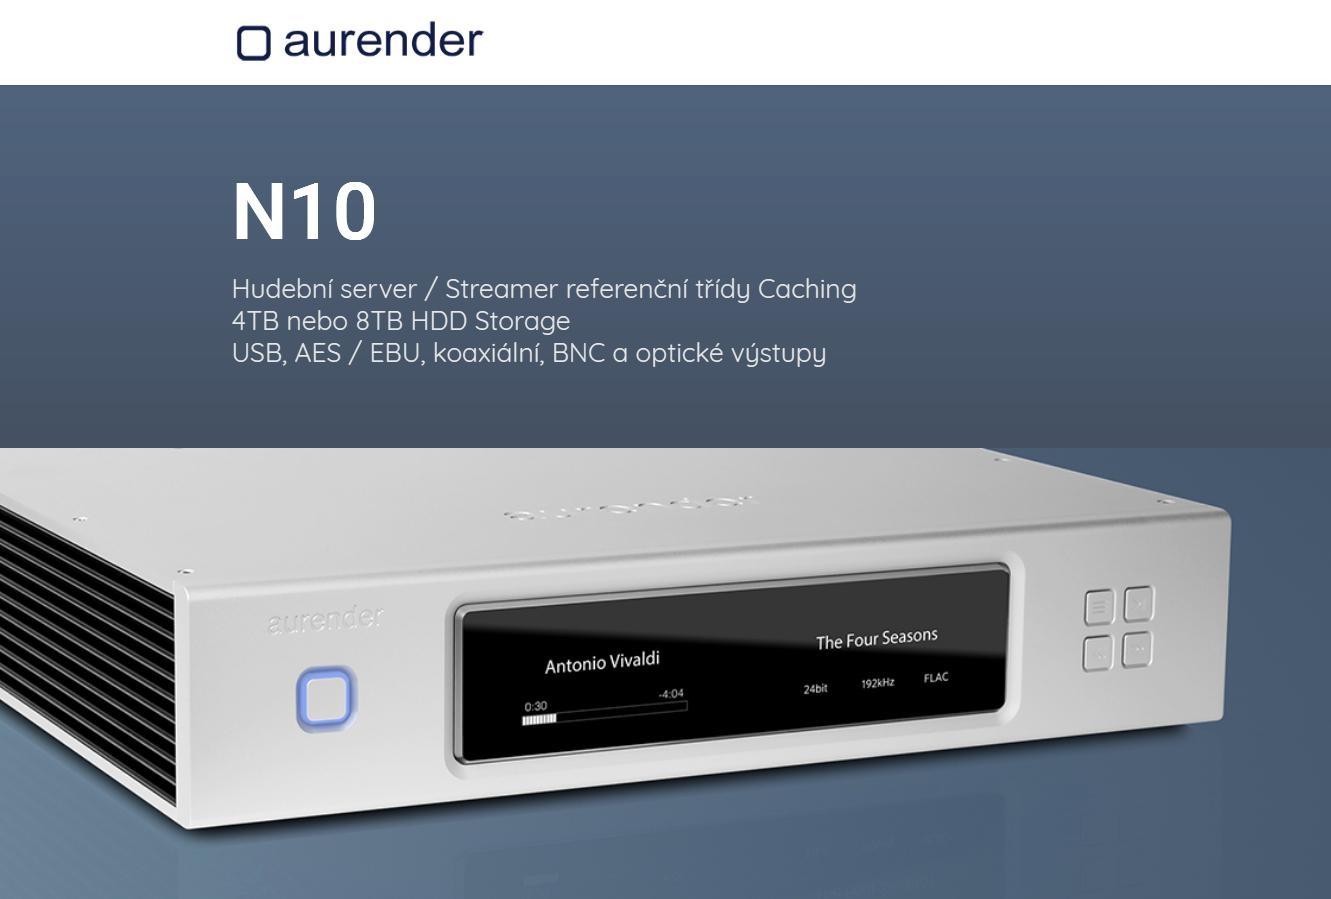 Aurender N10 - 8TB Barevné provedení: stříbrné